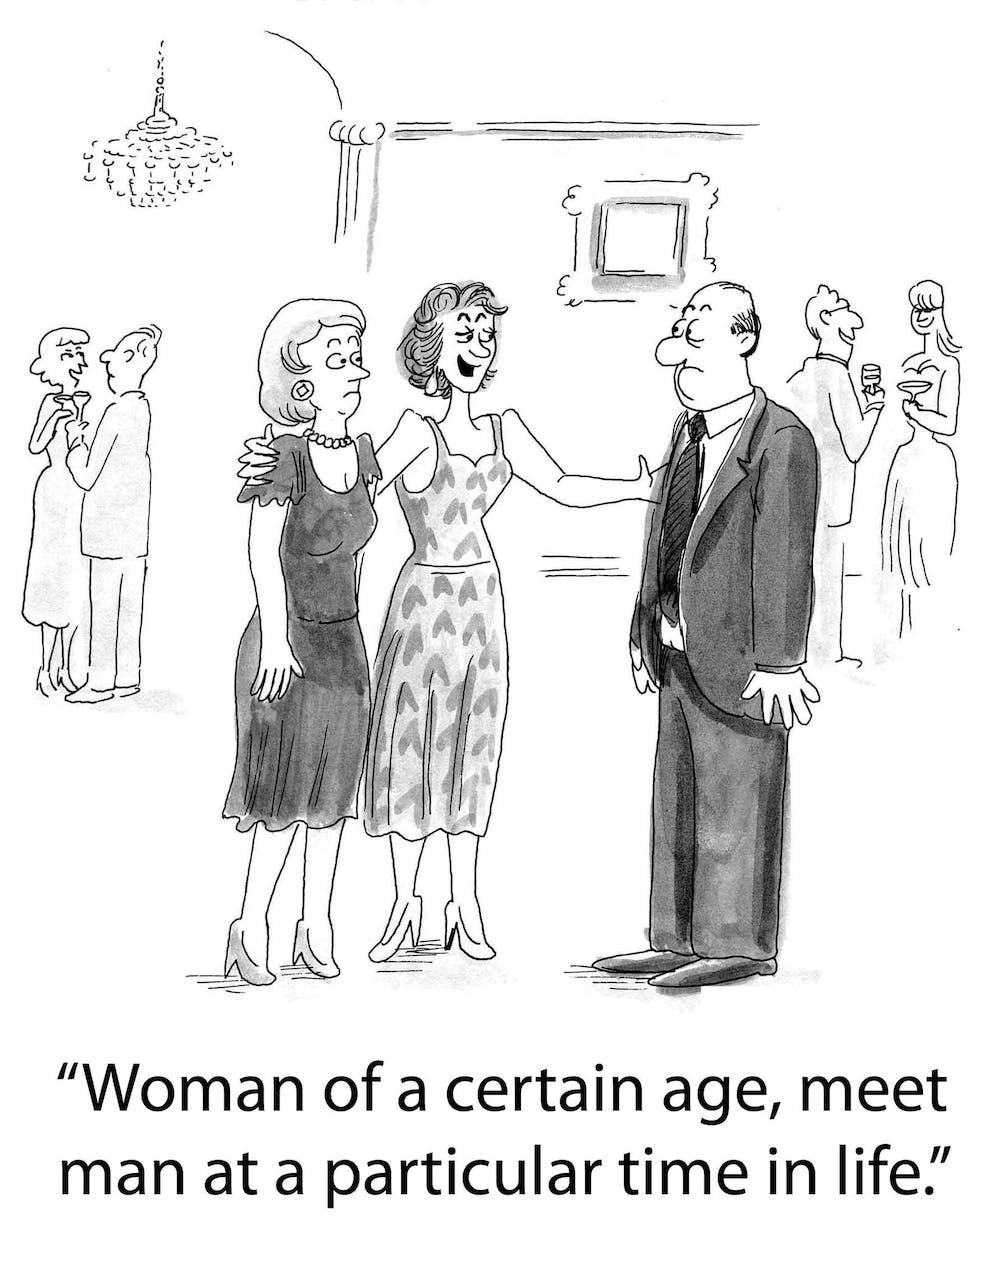 women seeking men quick